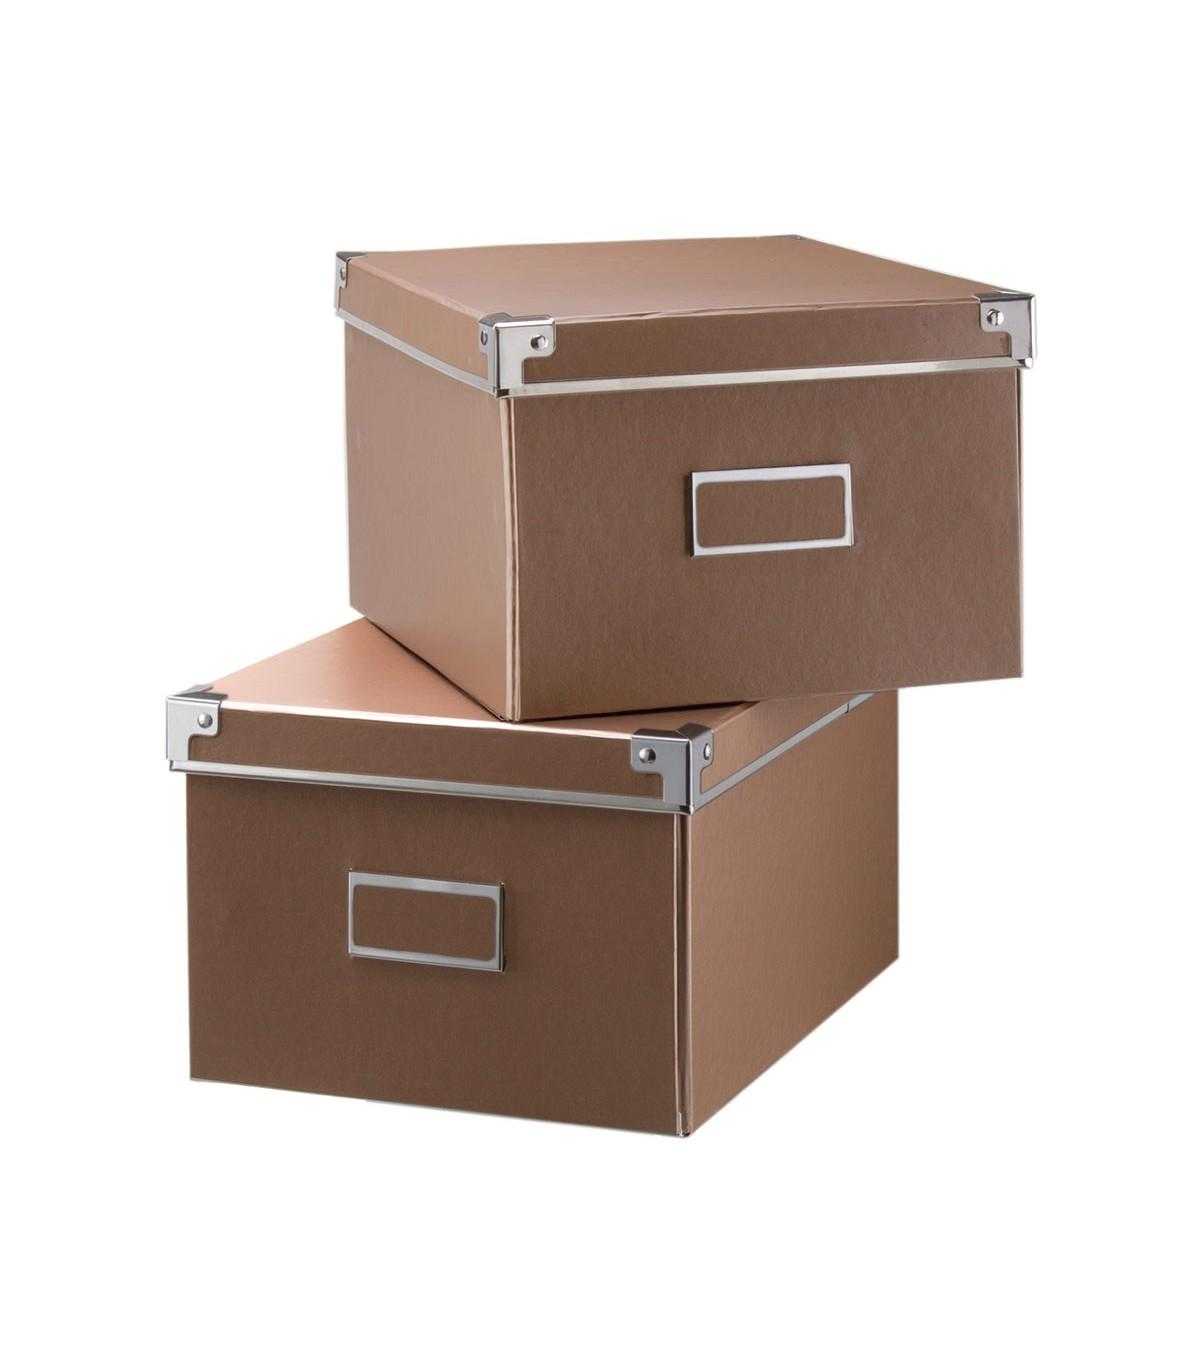 Lot de 2 boîtes de rangement - 26 x 21 x H15cm - Cuivre